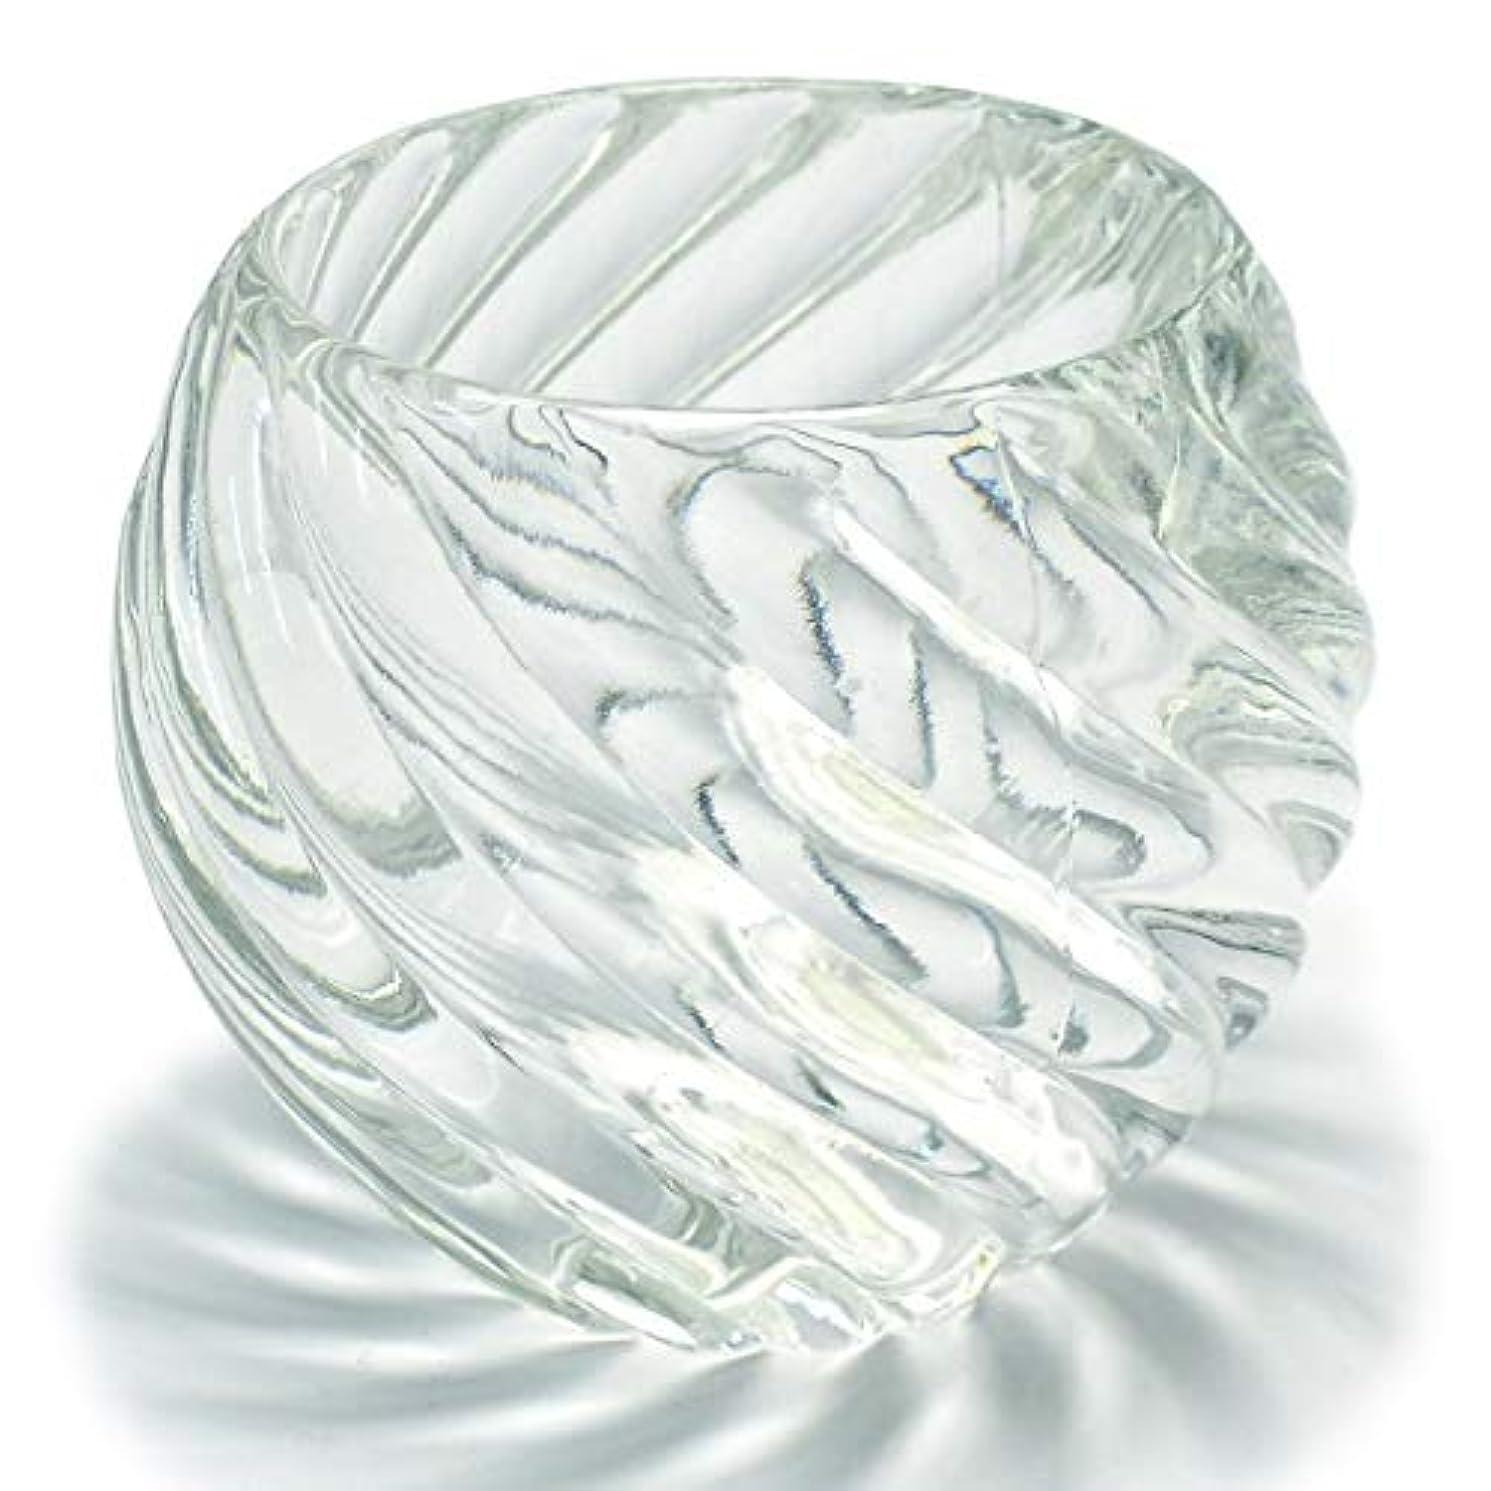 ティーンエイジャーセットアップ伝説キャンドルホルダー ガラス 3 キャンドルスタンド クリスマス ティーキャンドル 誕生日 記念日